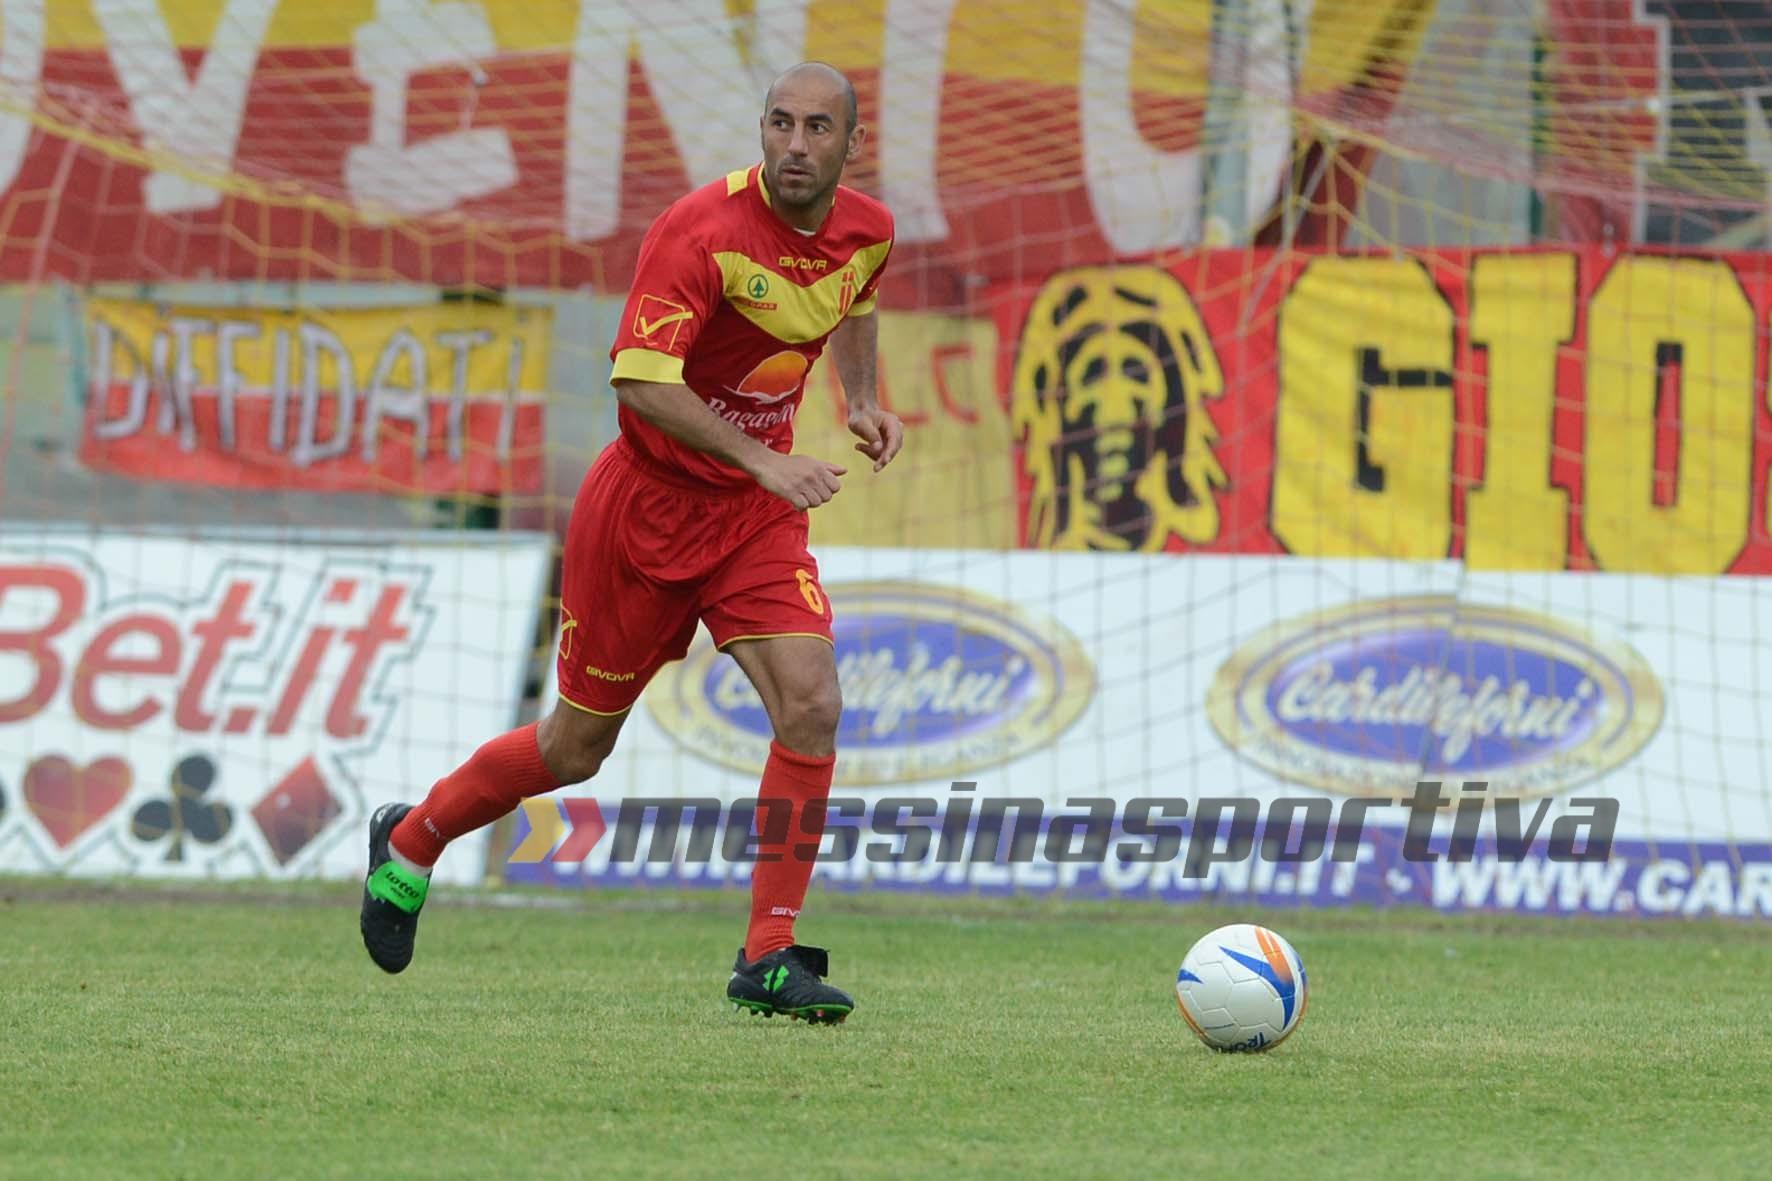 Giovanni Ignoffo